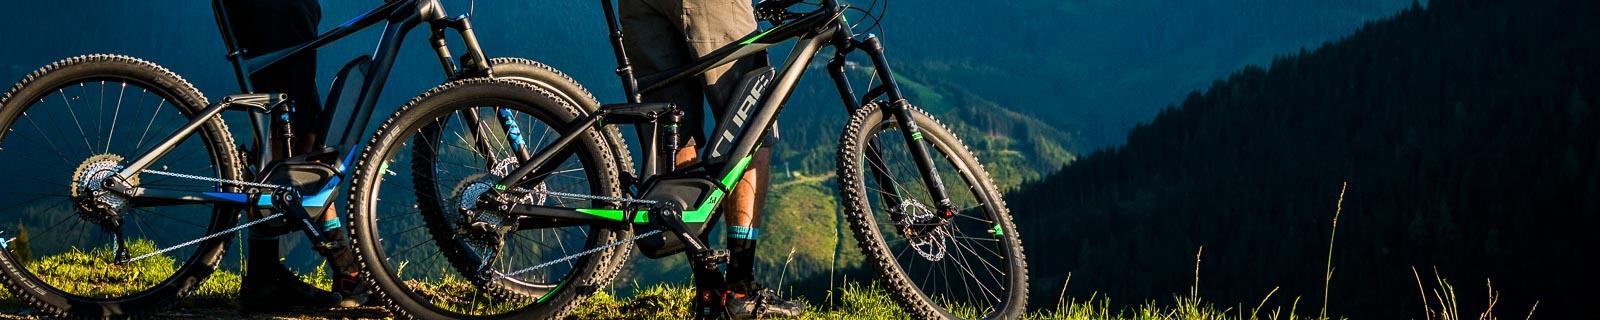 Cube – Biciclette di alta qualità made in Germany